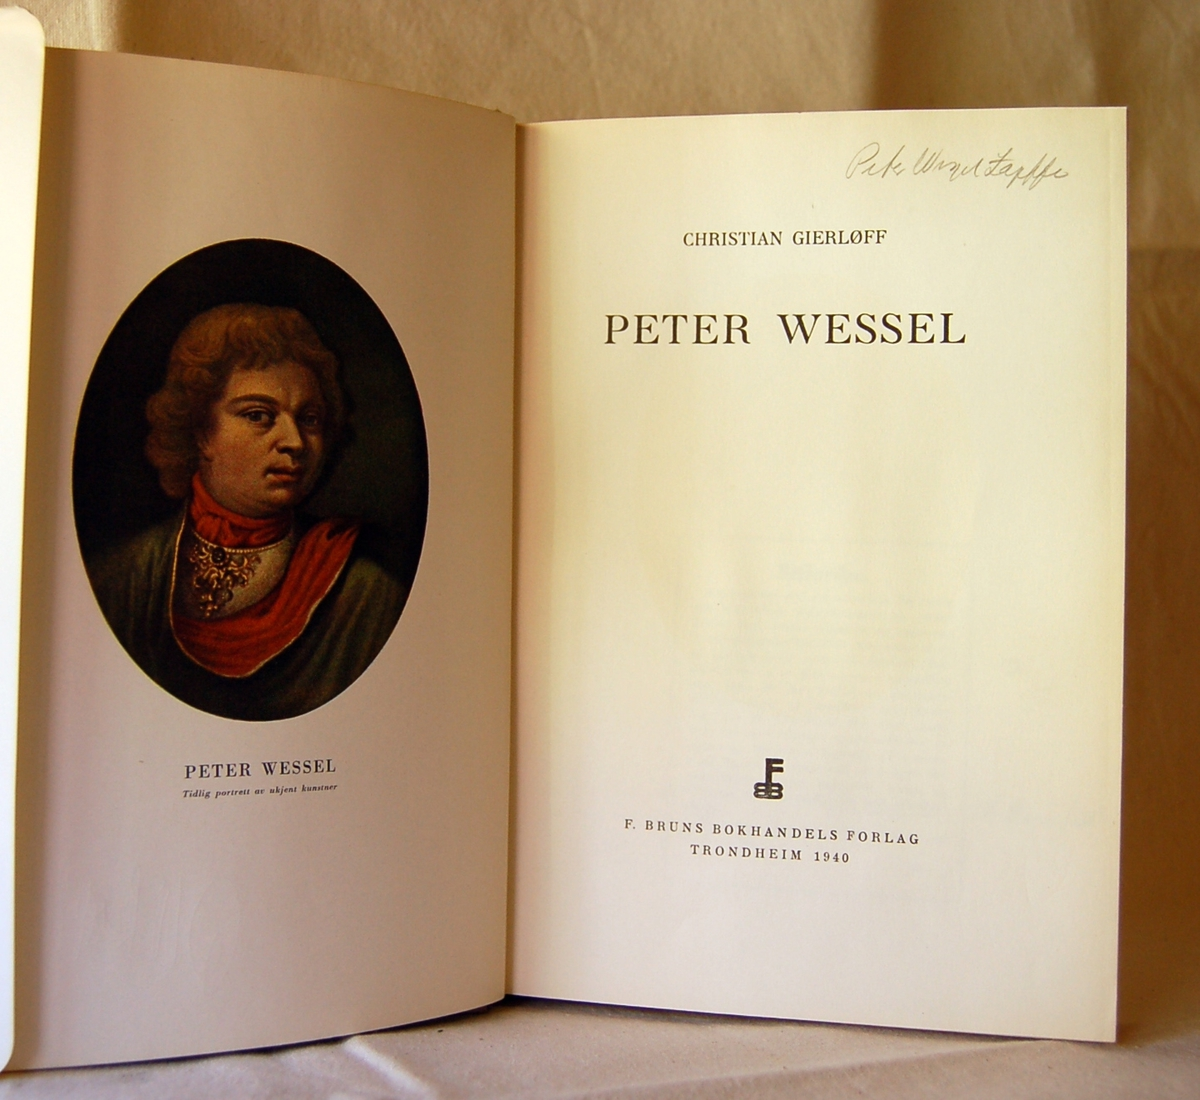 Portrett av Peter Wessel Tordnskiold på bokens forside